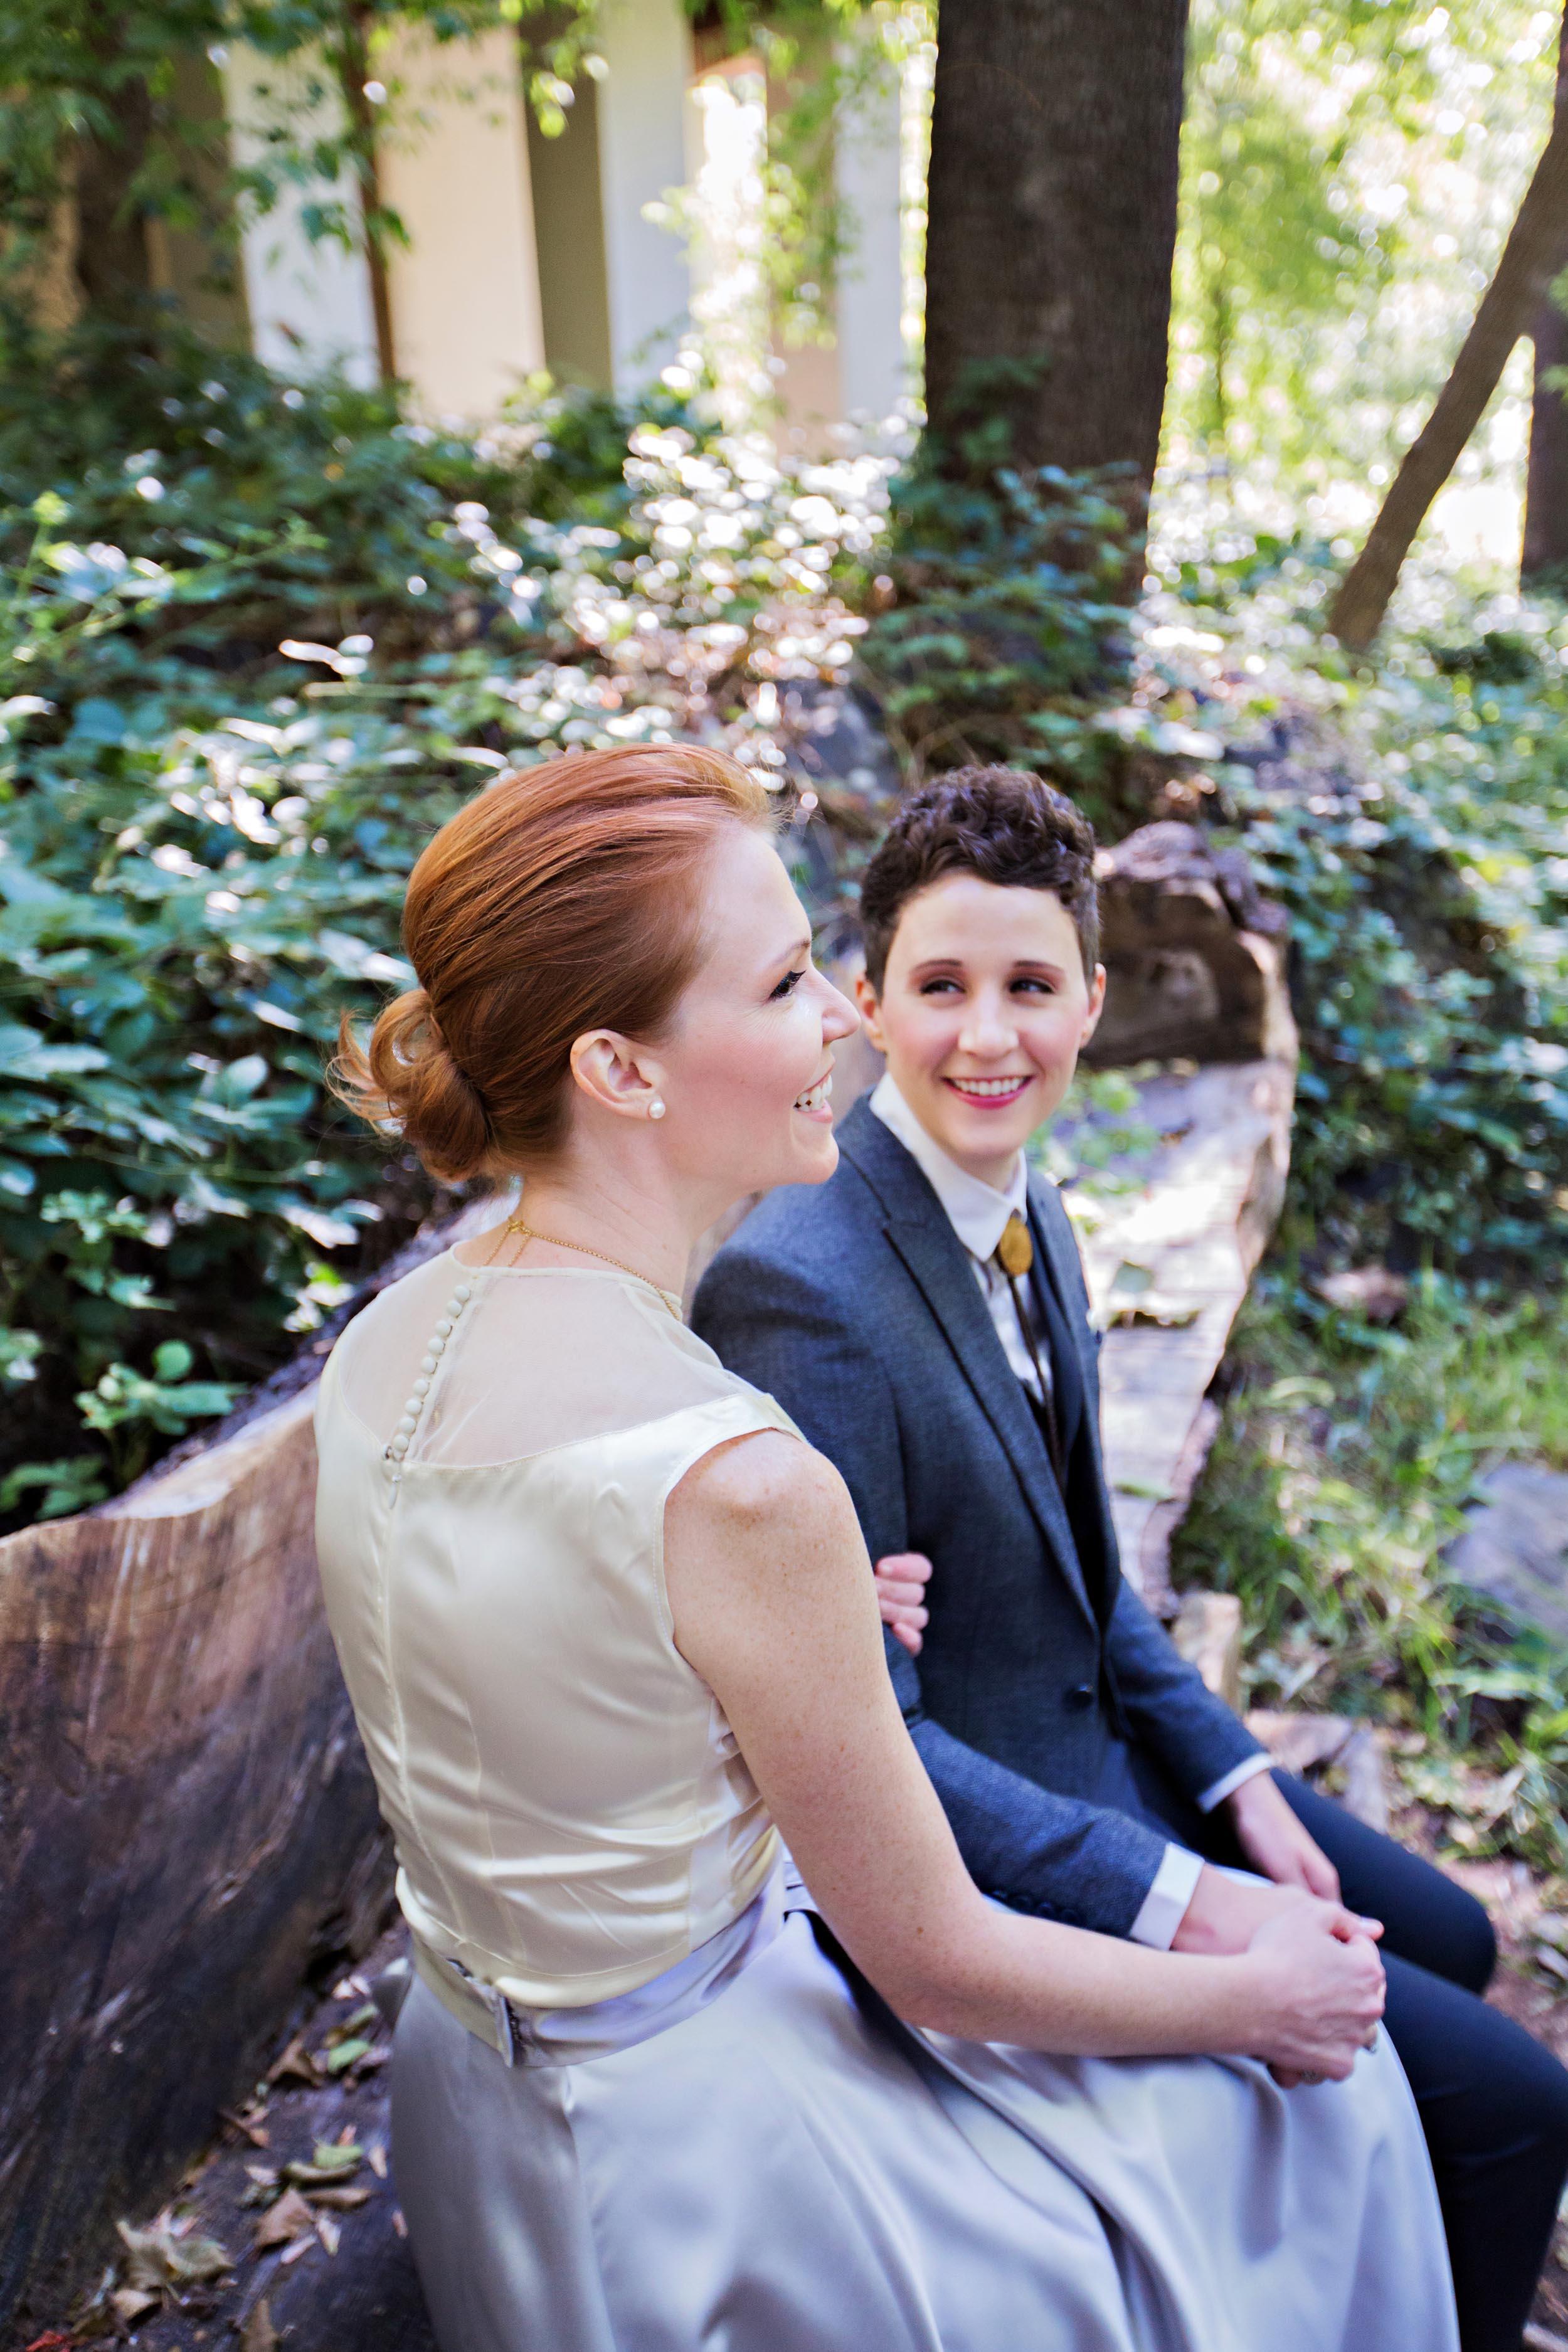 weddings-oakcreek-10.jpg